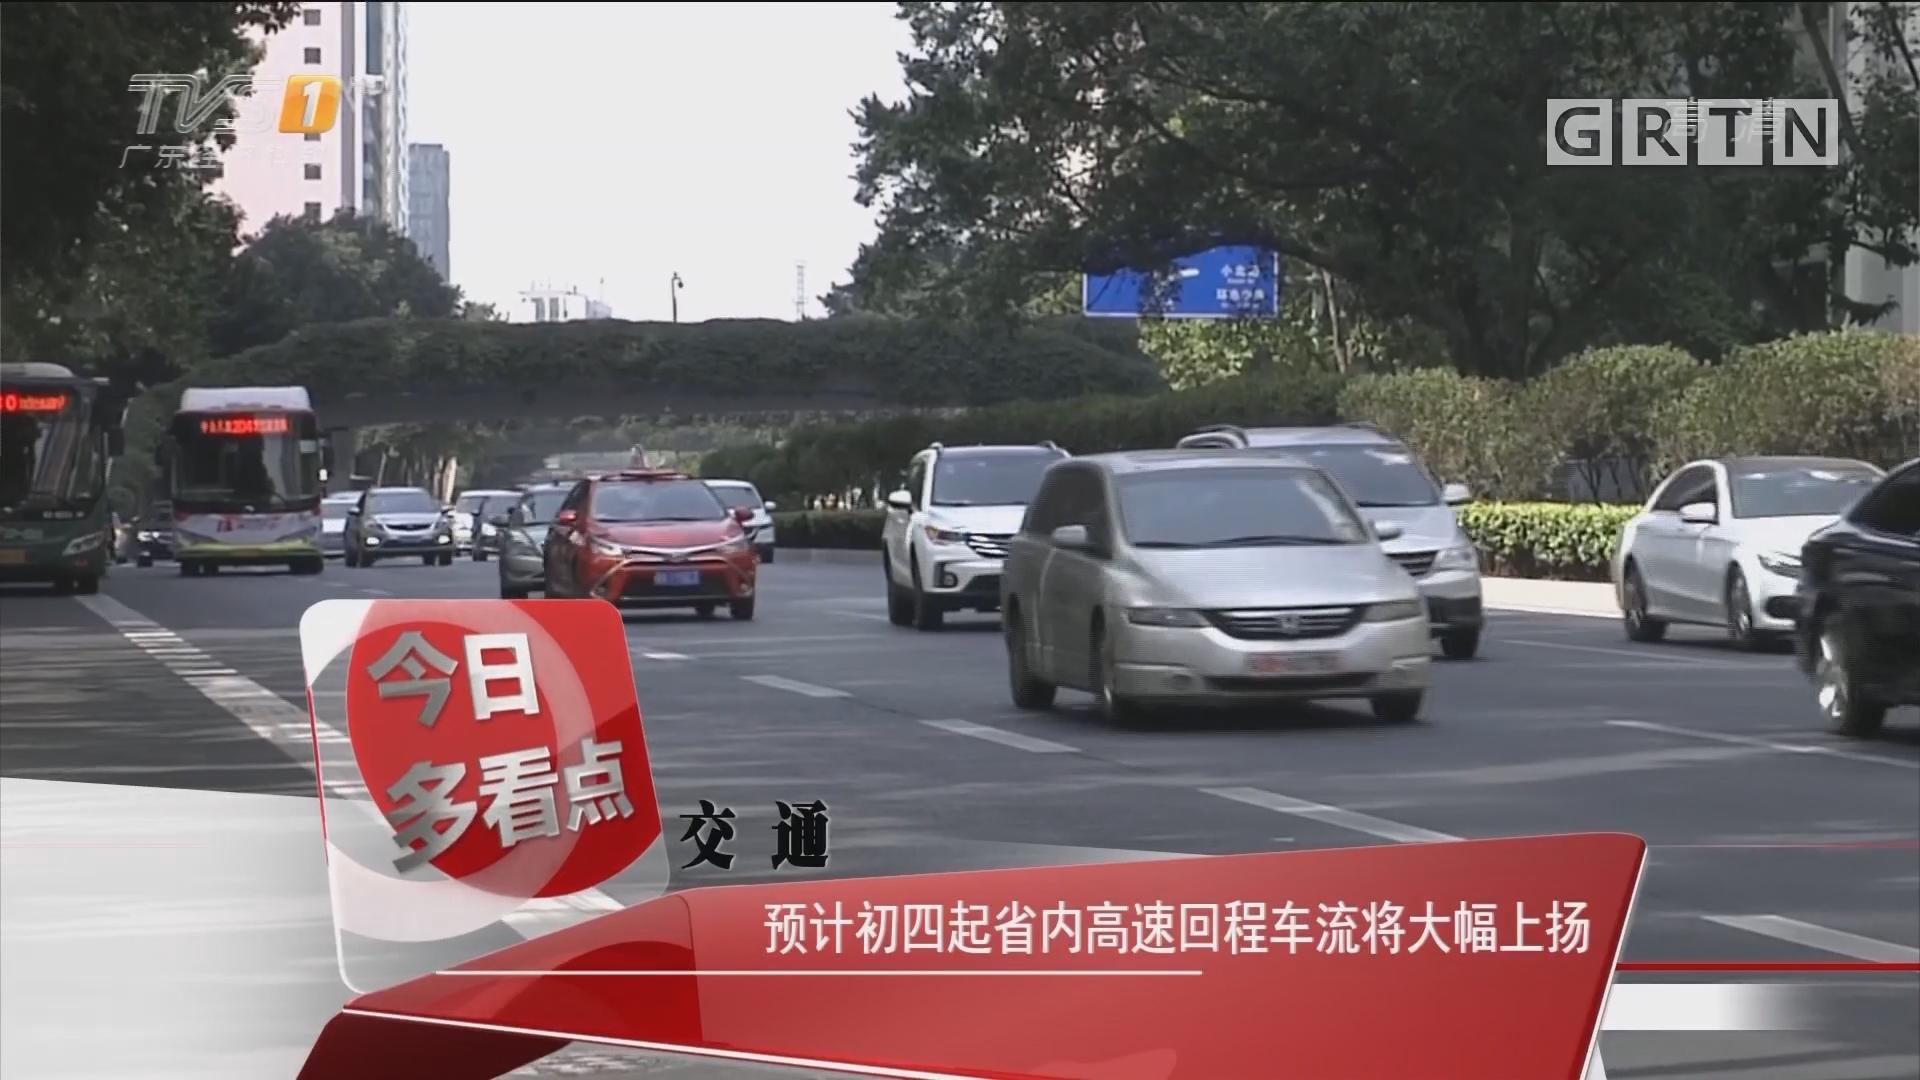 交通:预计初四起省内高速回程车流将大幅上扬